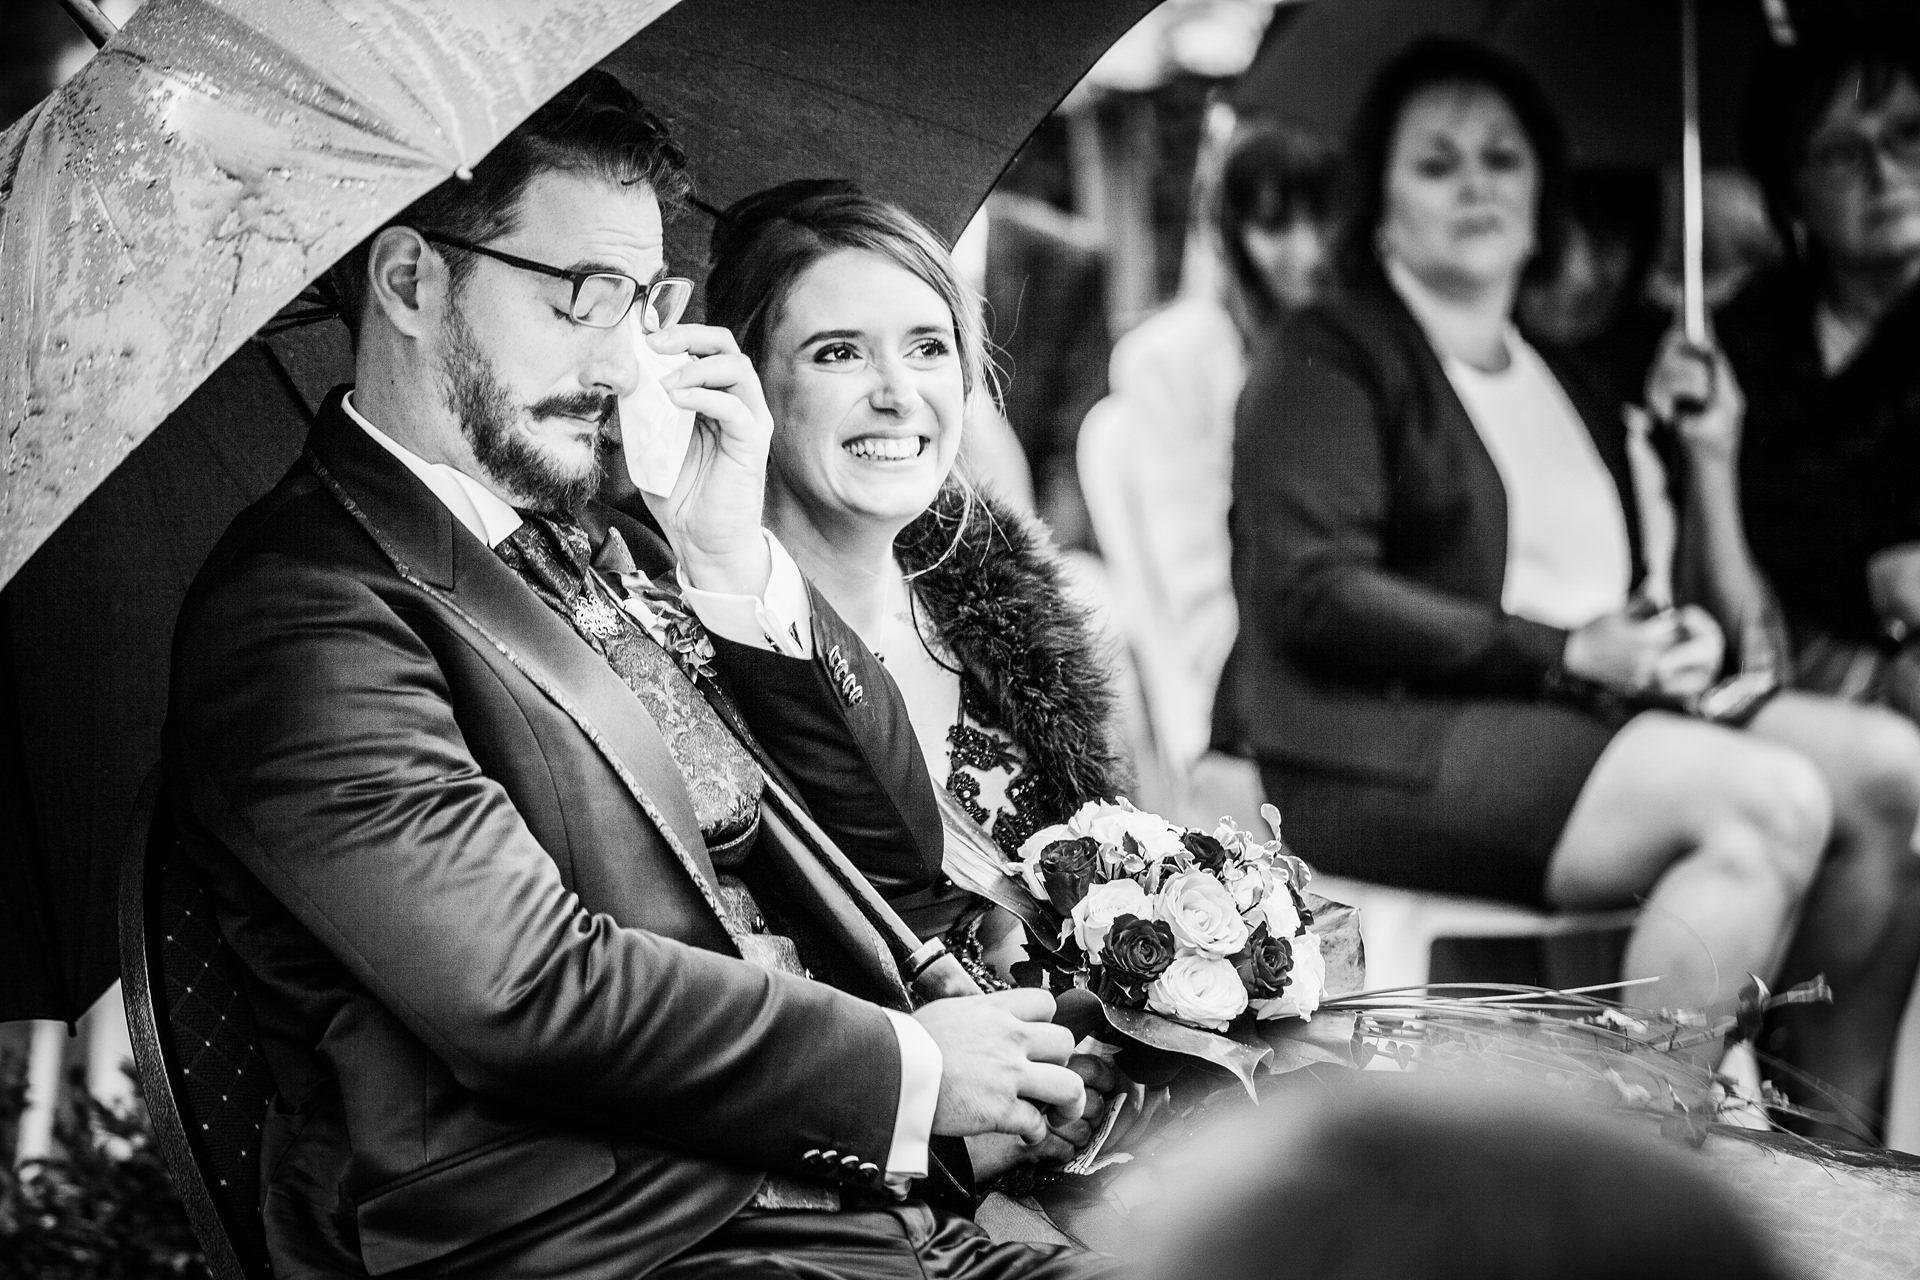 Cérémonie laïque - Photographe de mariage Chambéry Annecy Rhône-Alpes